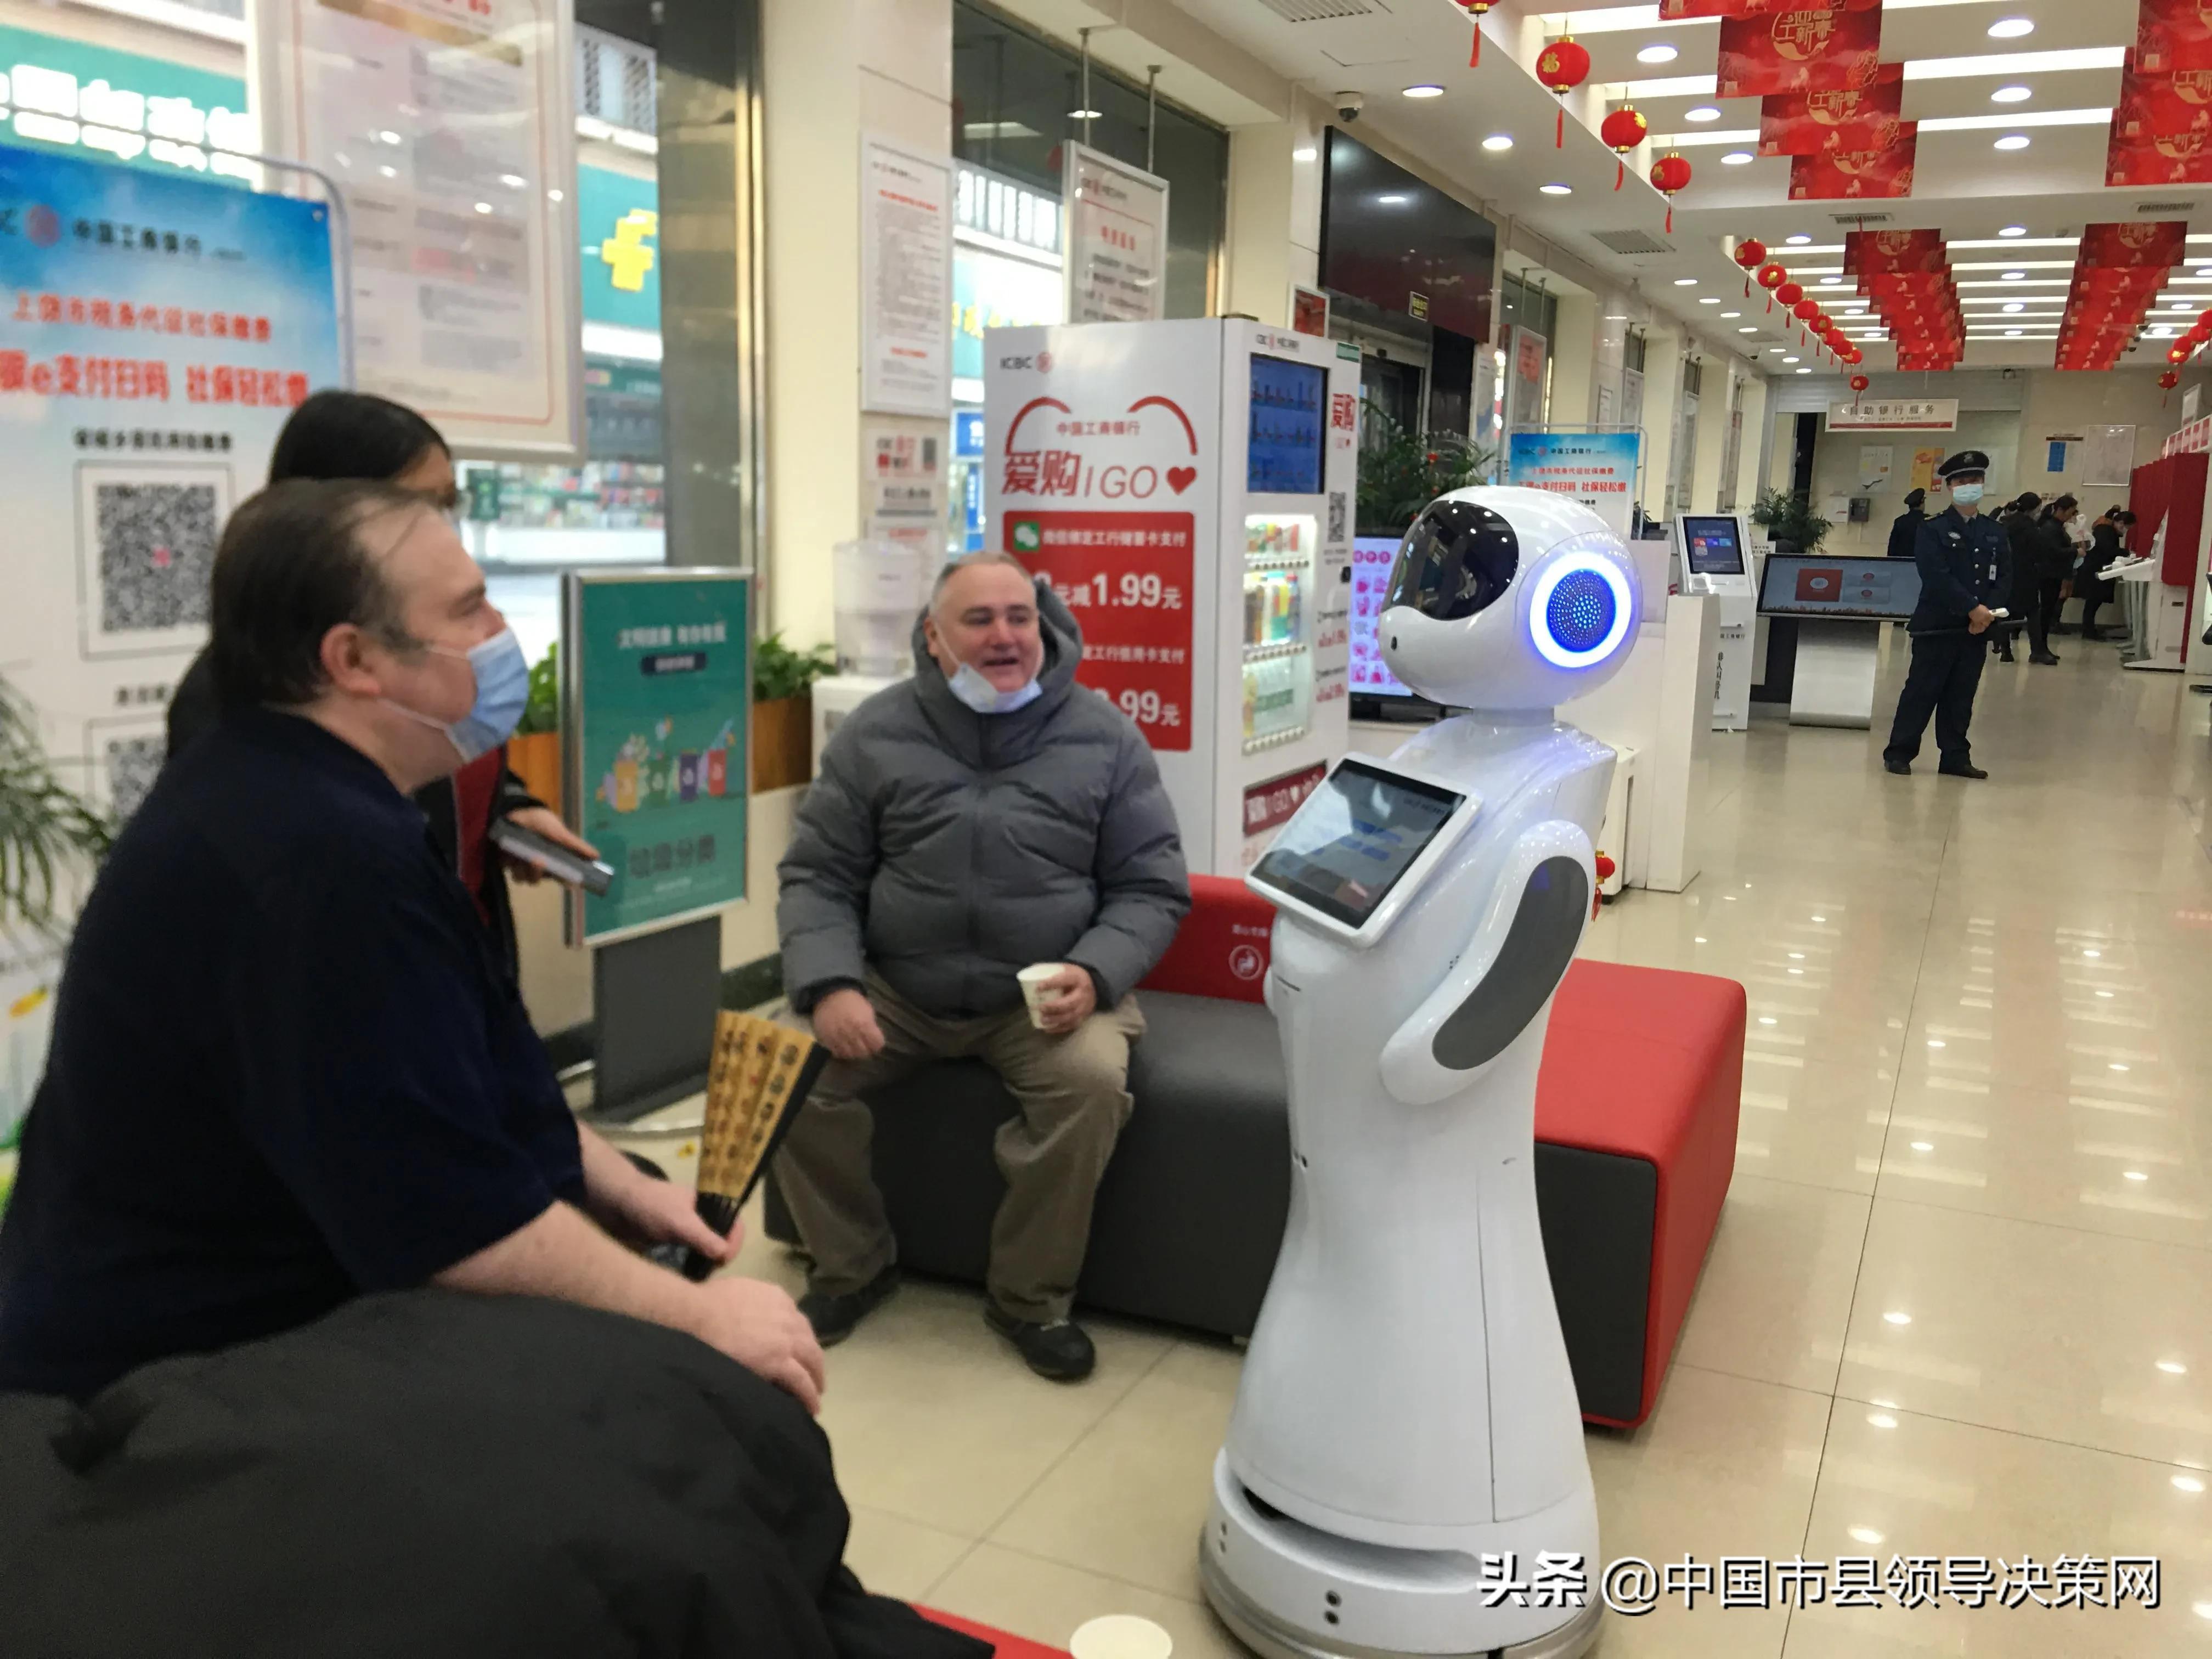 工商银行上饶分行智能AI机器人 引领服务新时代